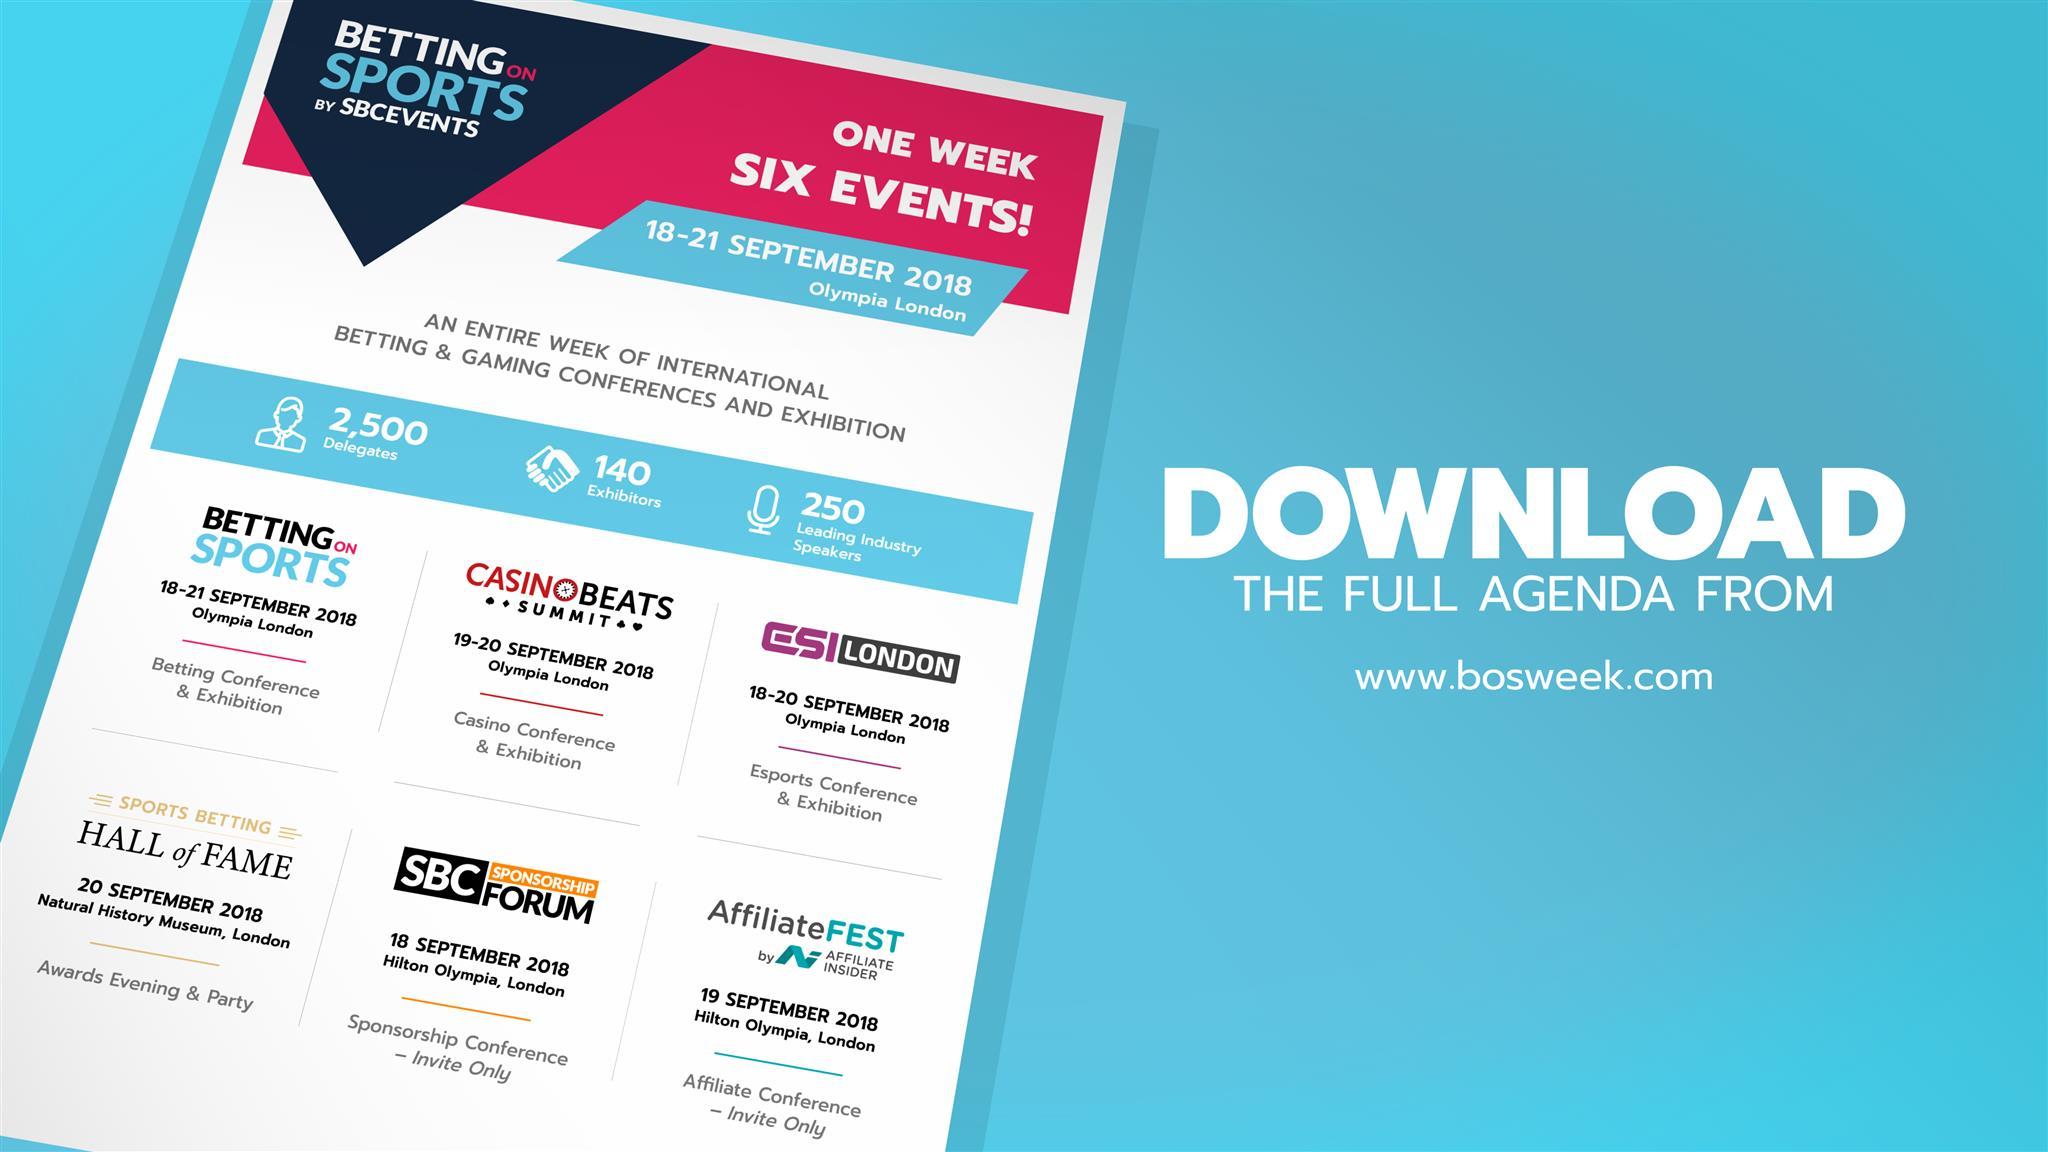 50 CEOs & 120 Directors confirmed to speak at #bosweek